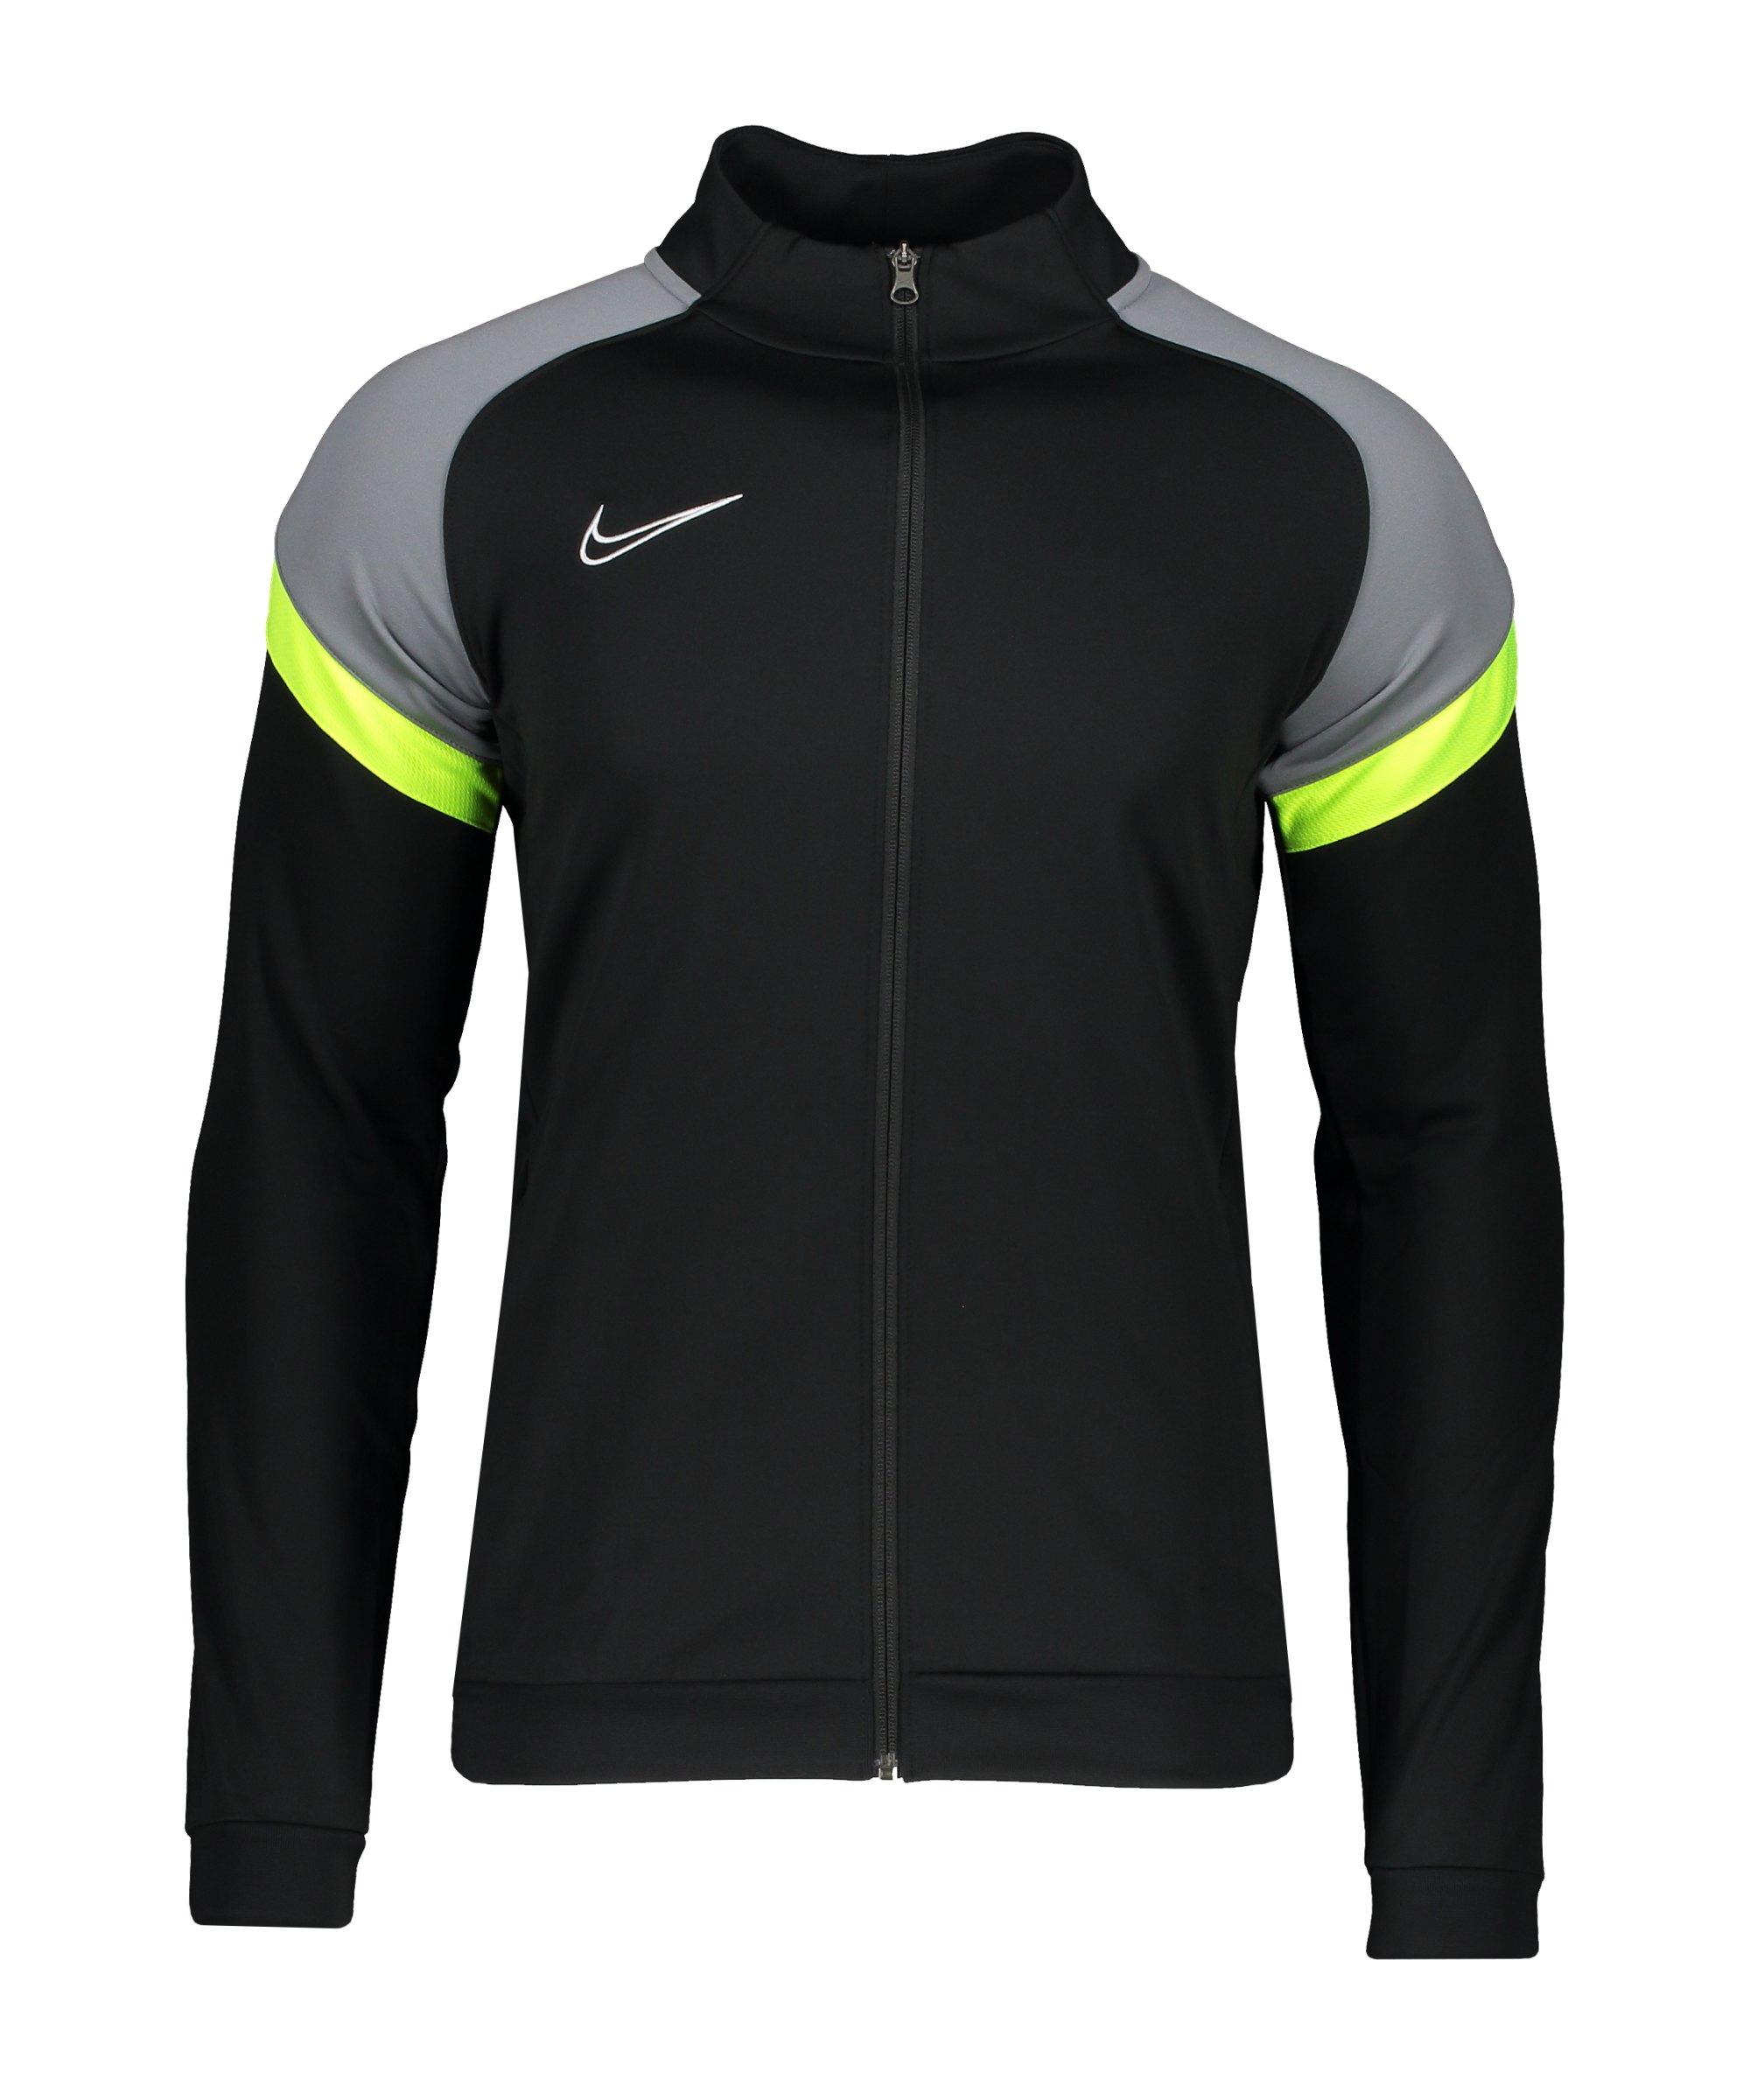 Nike Dry Academy Trainingsjacke Schwarz F013 - schwarz